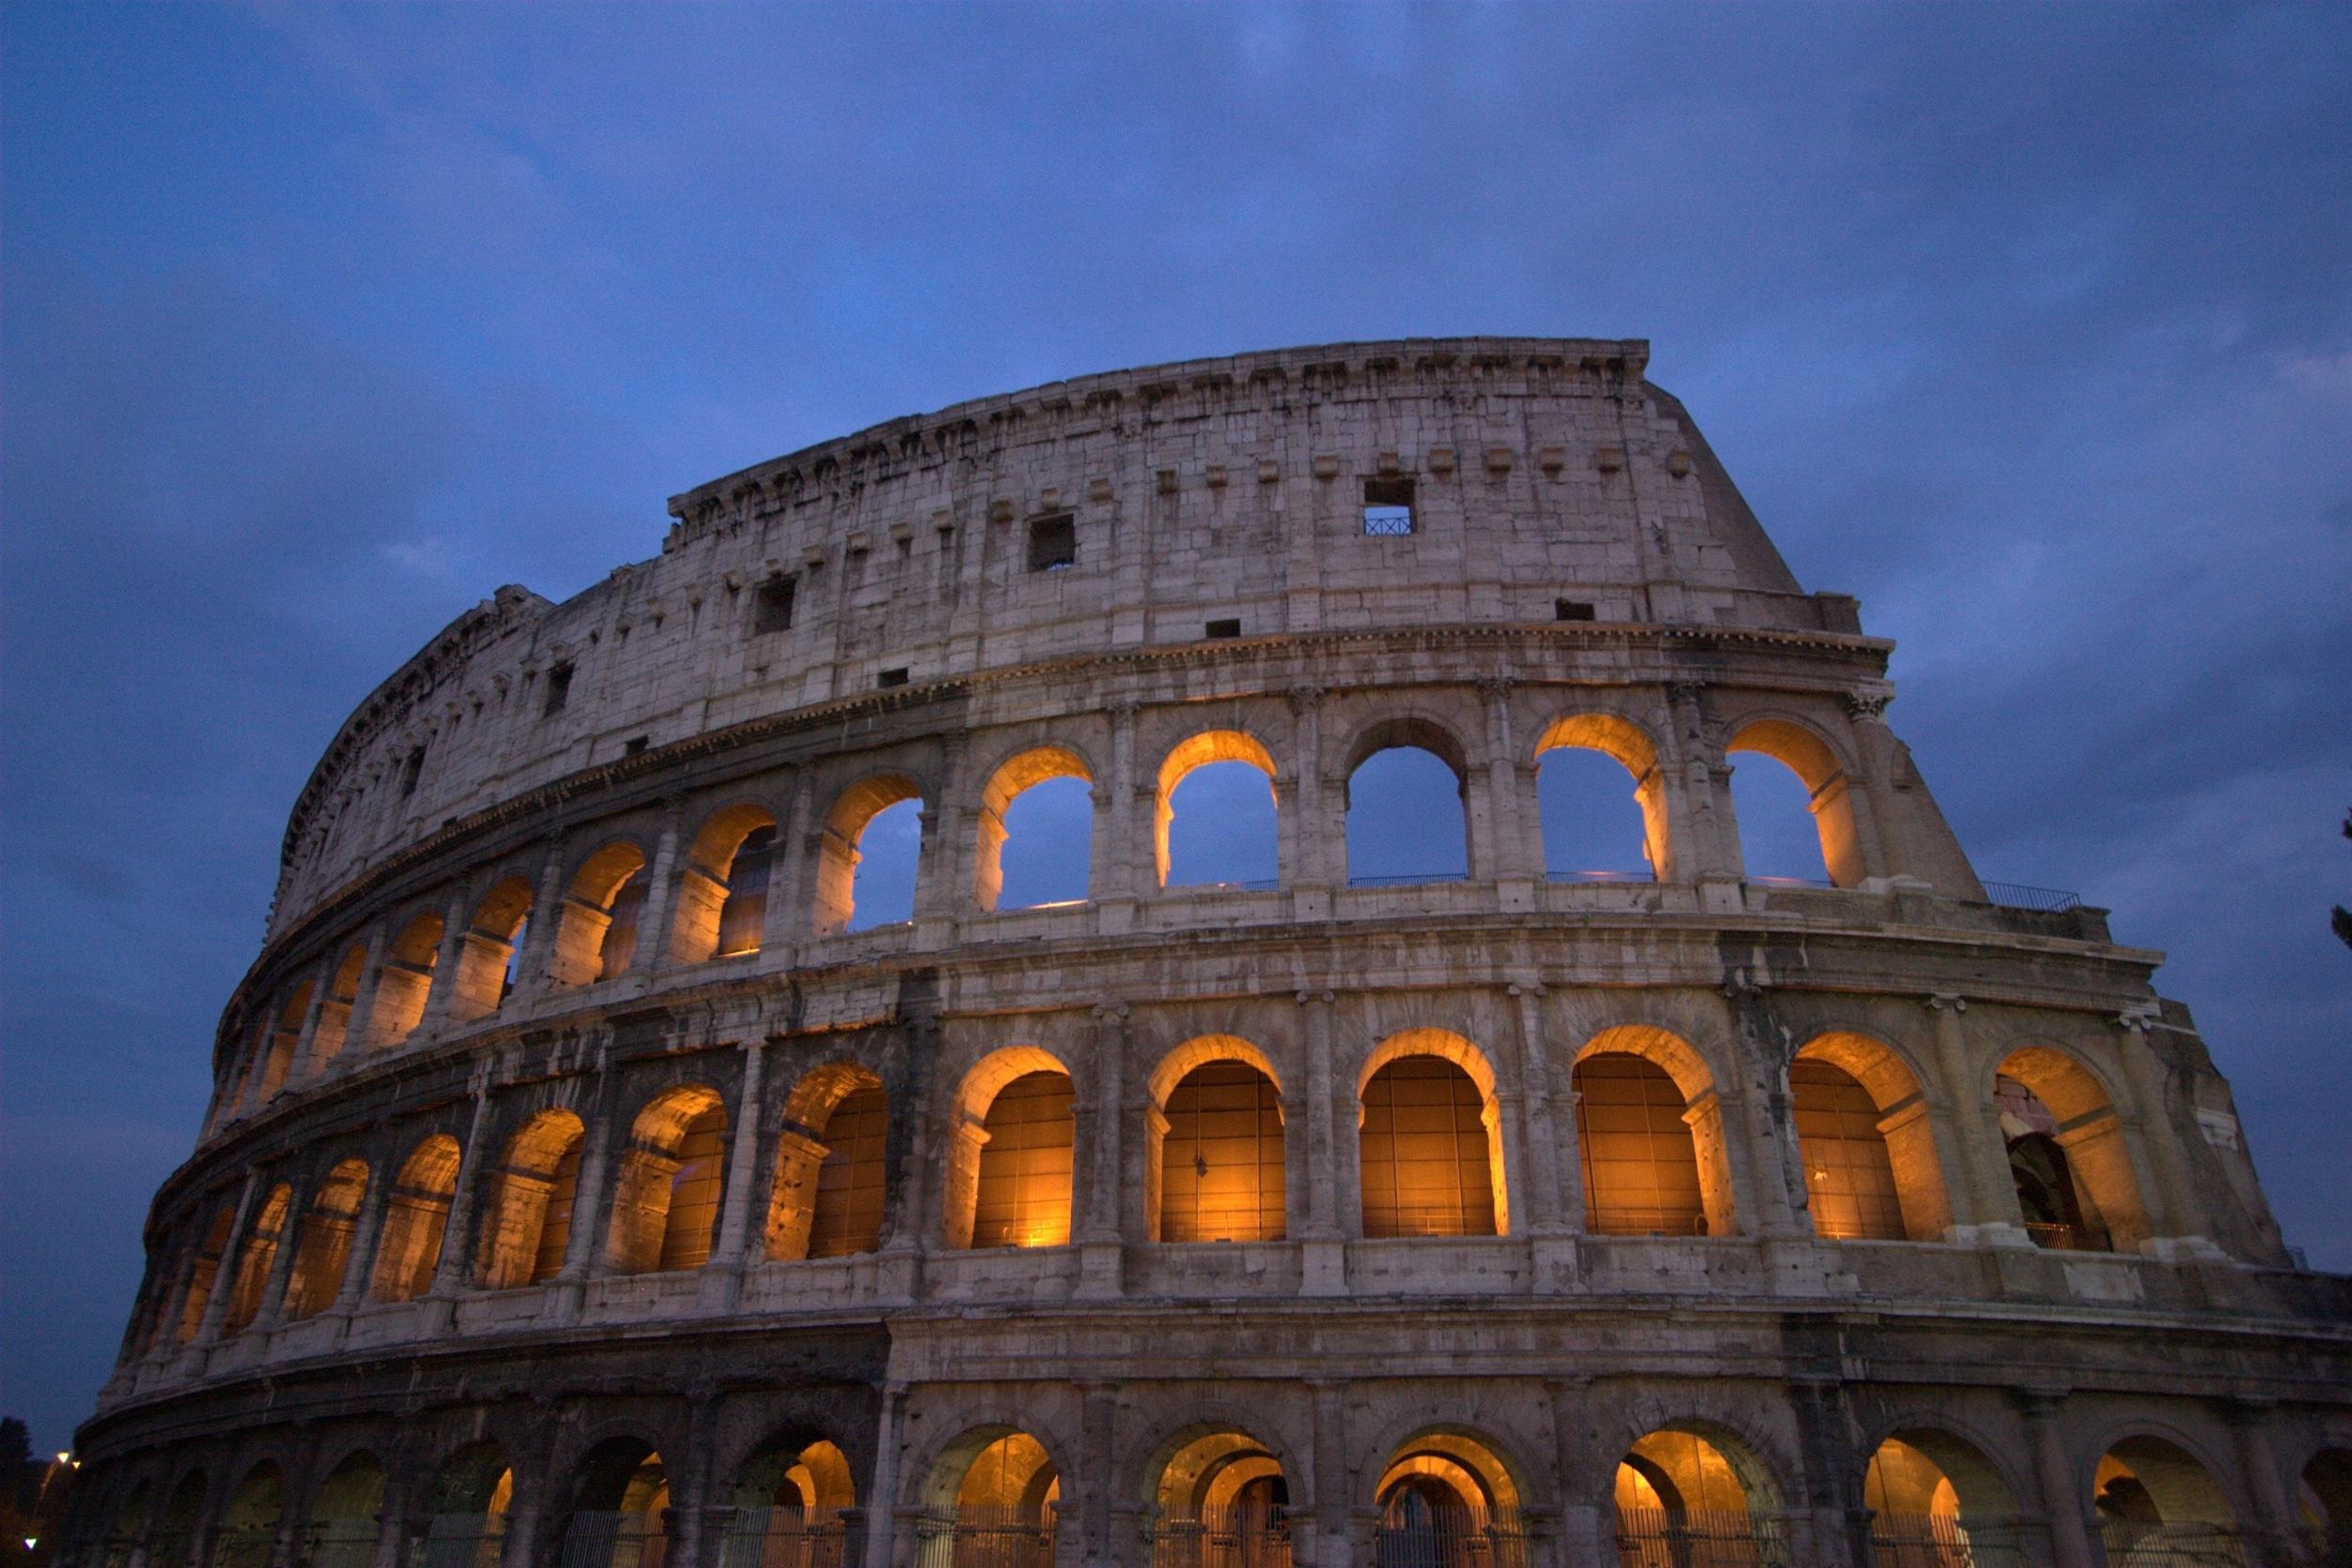 фото исторических памятников архитектуры отмечают